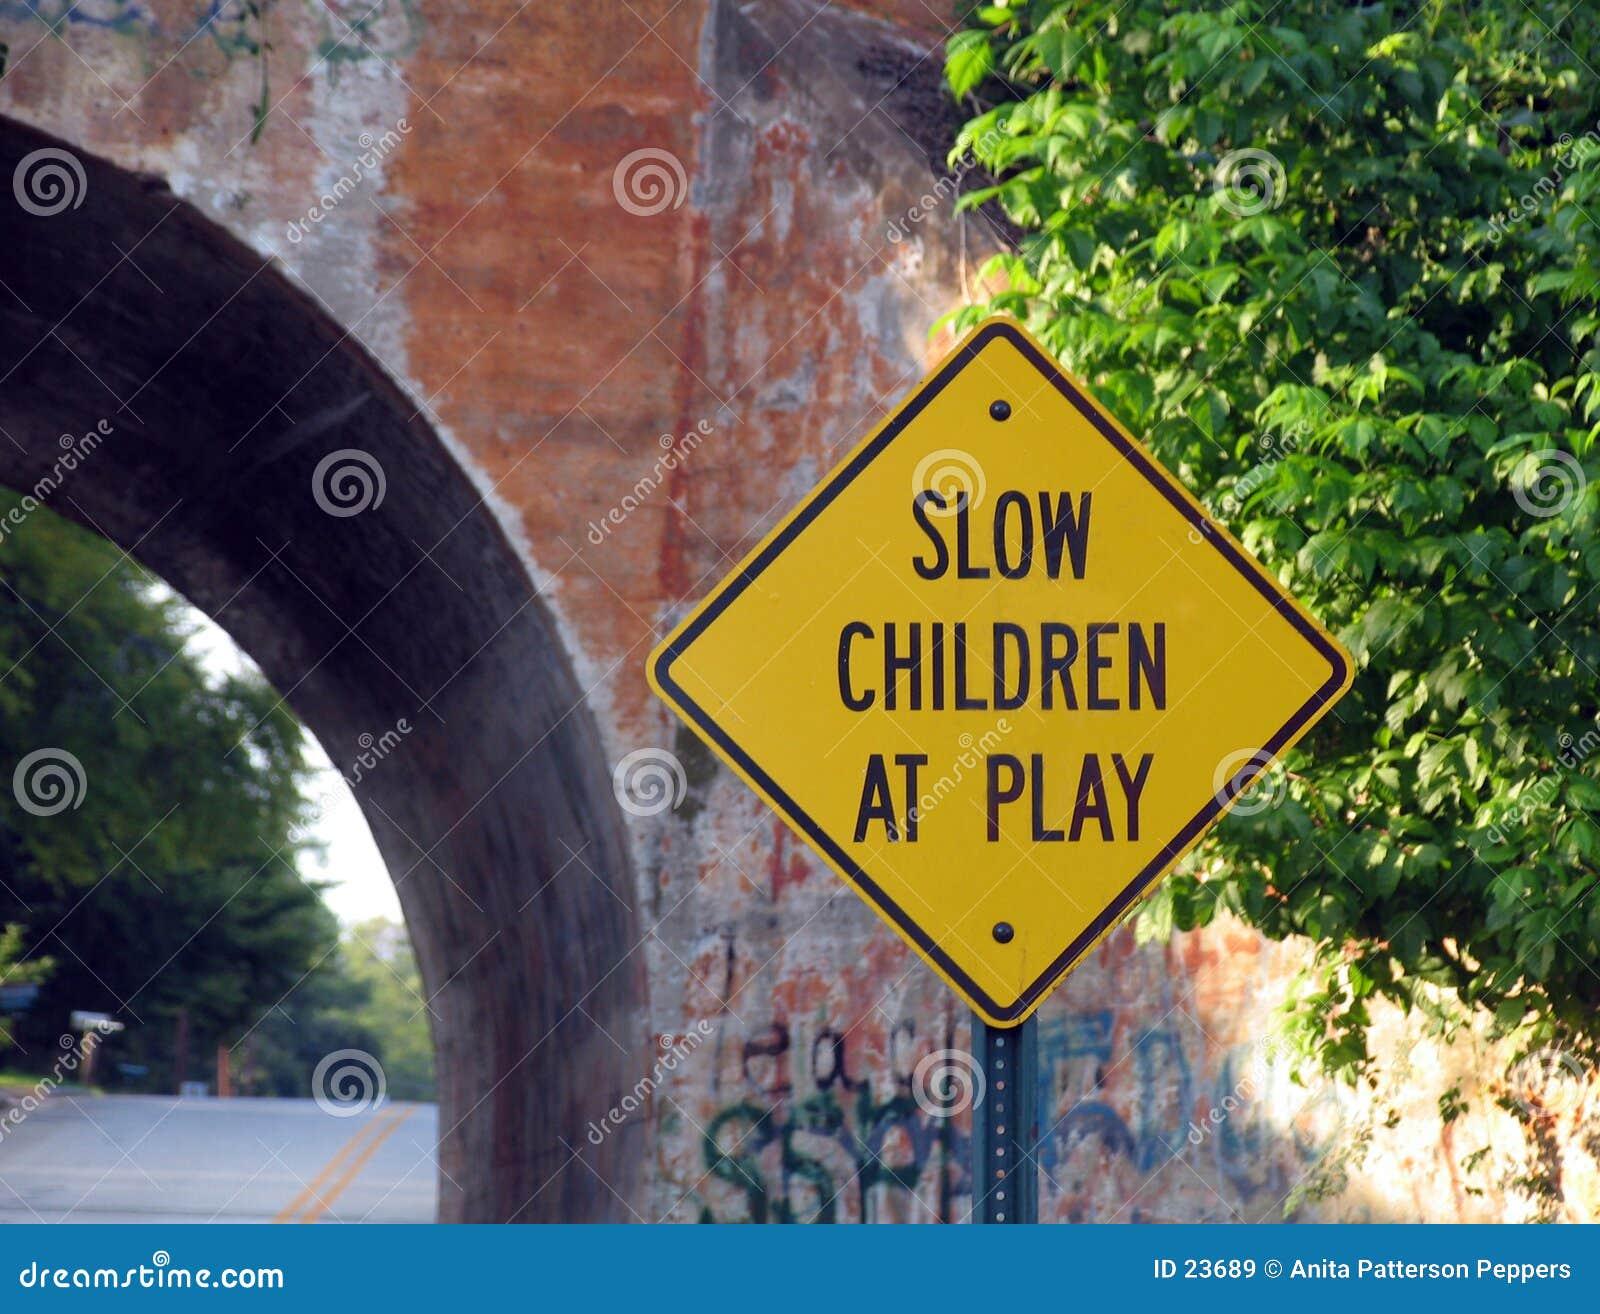 儿童游戏符号